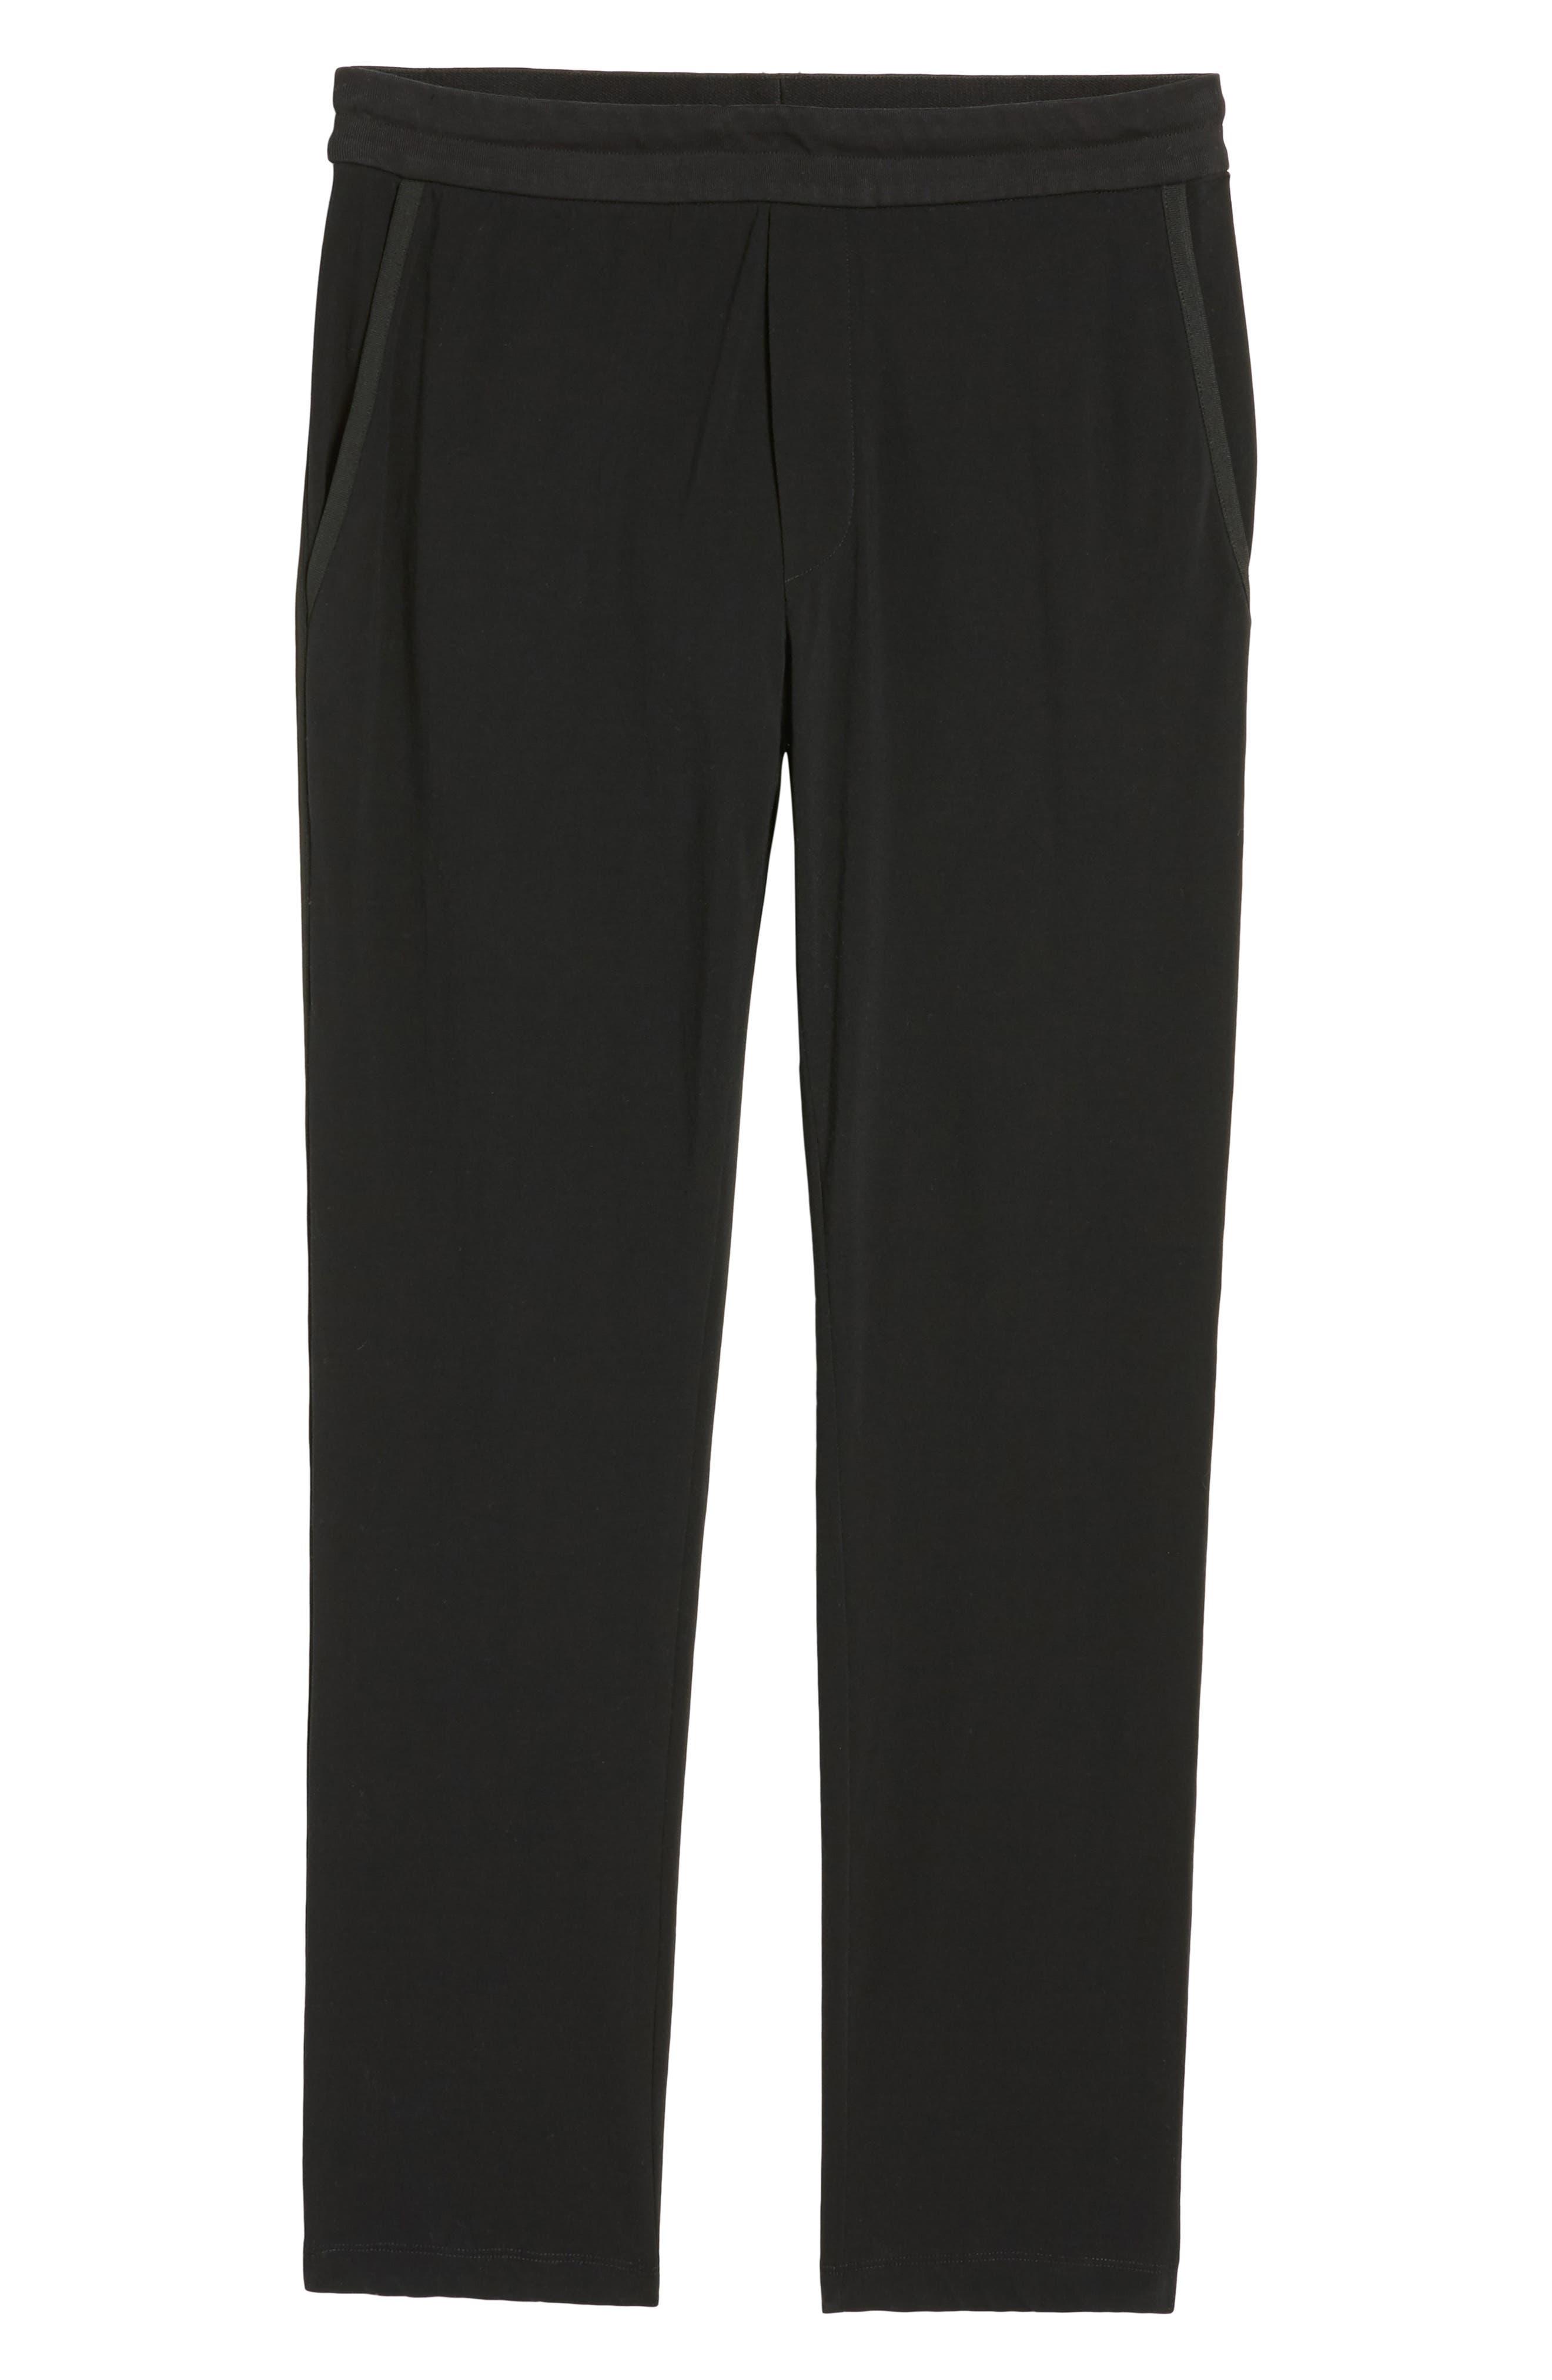 Cotton Pants,                             Alternate thumbnail 6, color,                             001